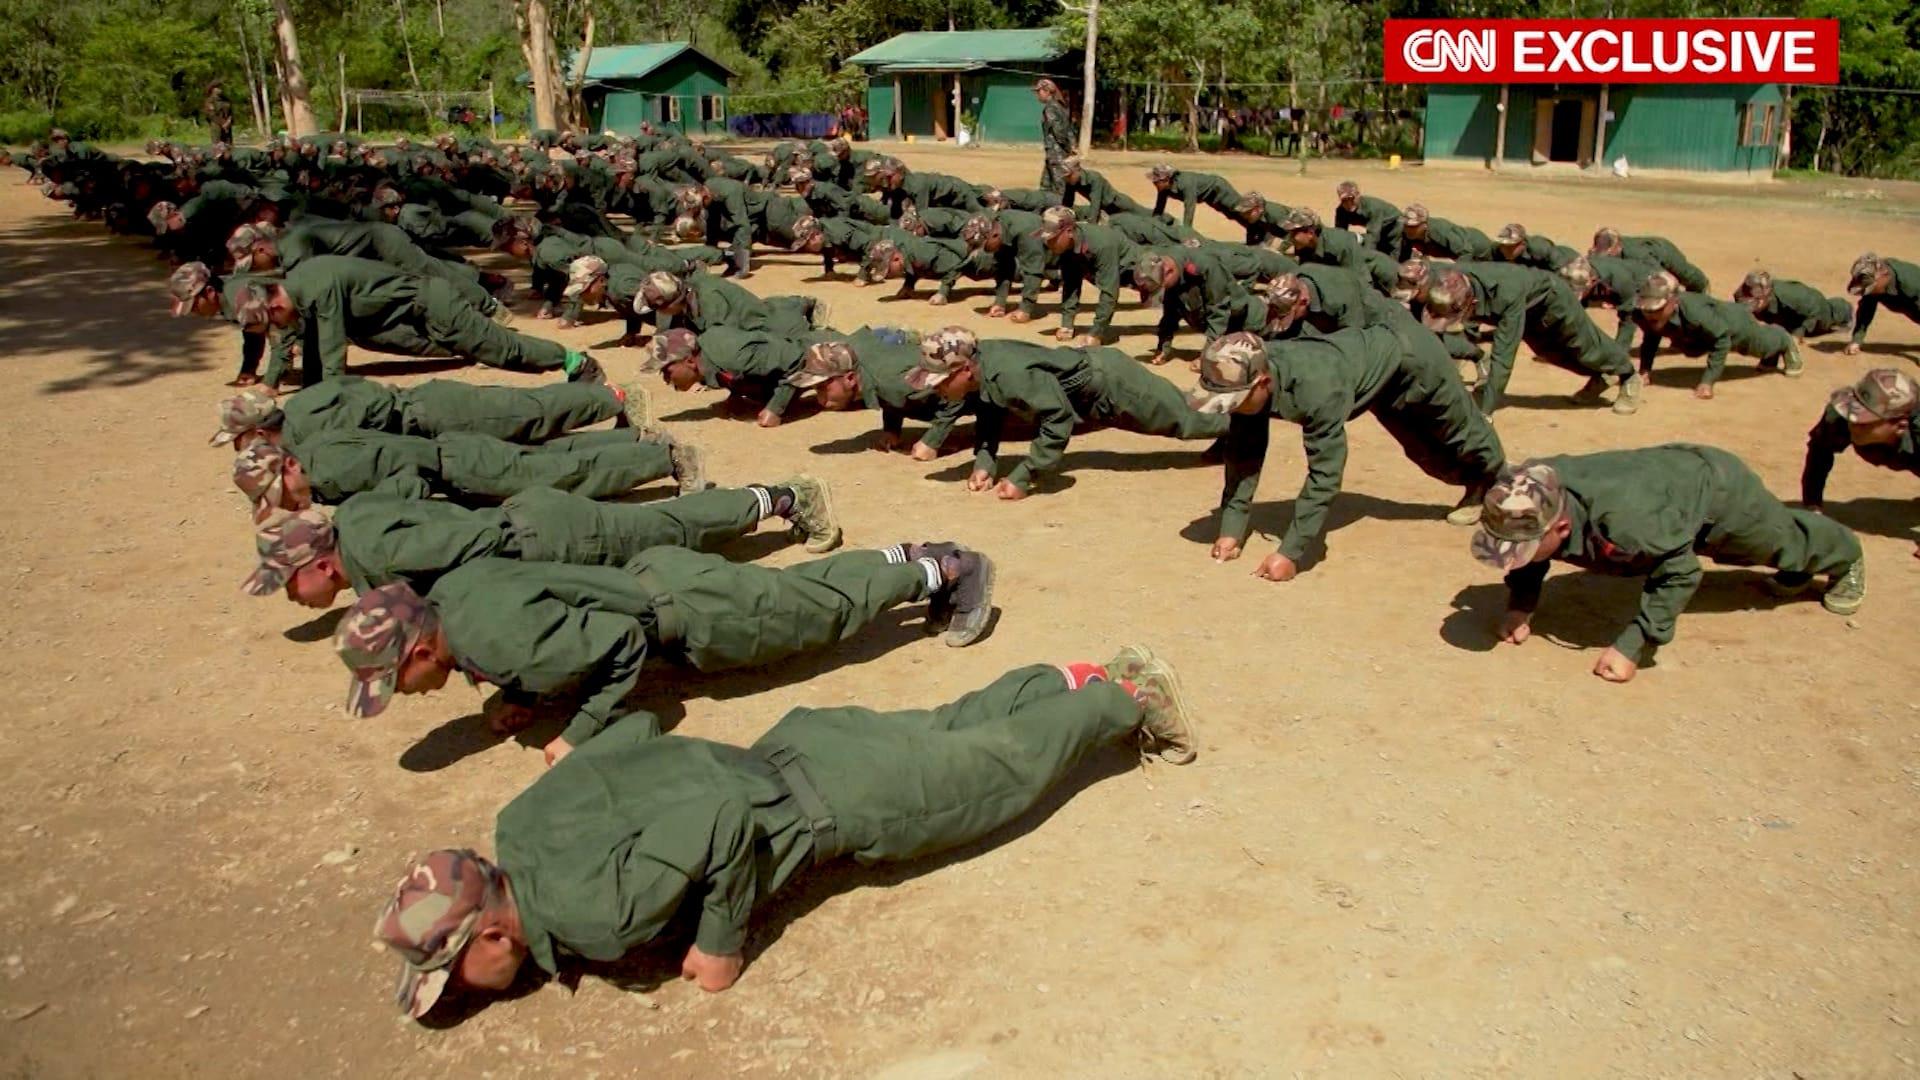 حصري لـCNN.. هكذا يستعد المتمردون على الانقلاب العسكري في ميانمار للقتال